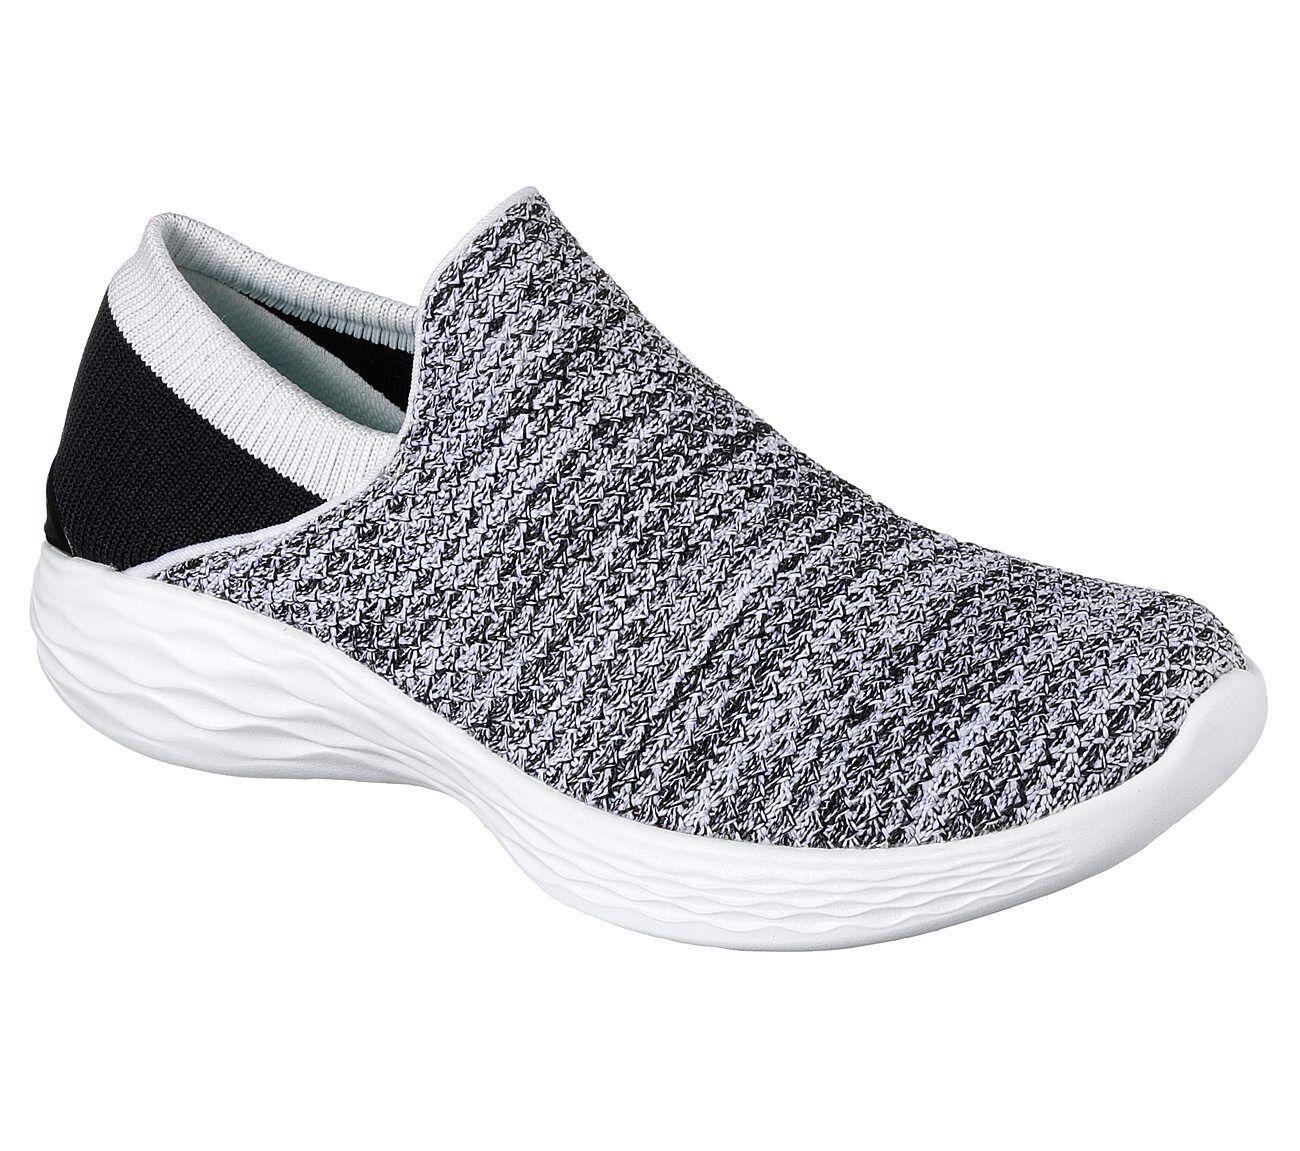 SKECHERS Damen Sie Komfort Athletic Schuhe 14951. schwarz Mergel